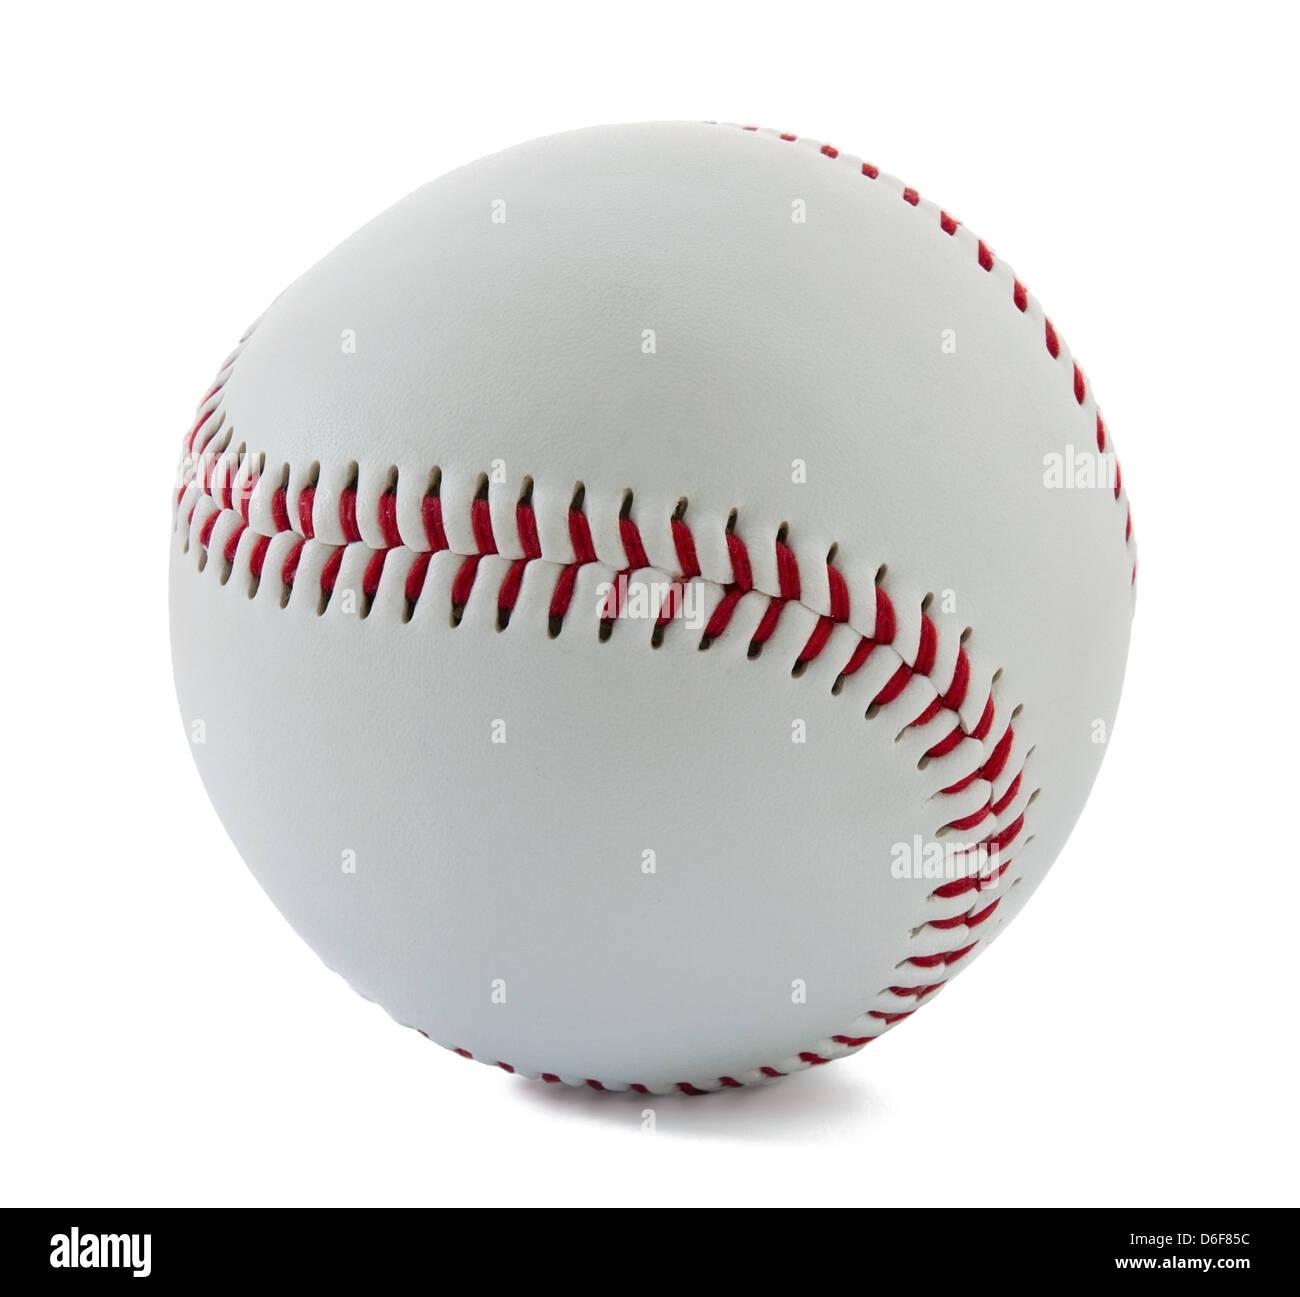 Palla da baseball su sfondo bianco Immagini Stock